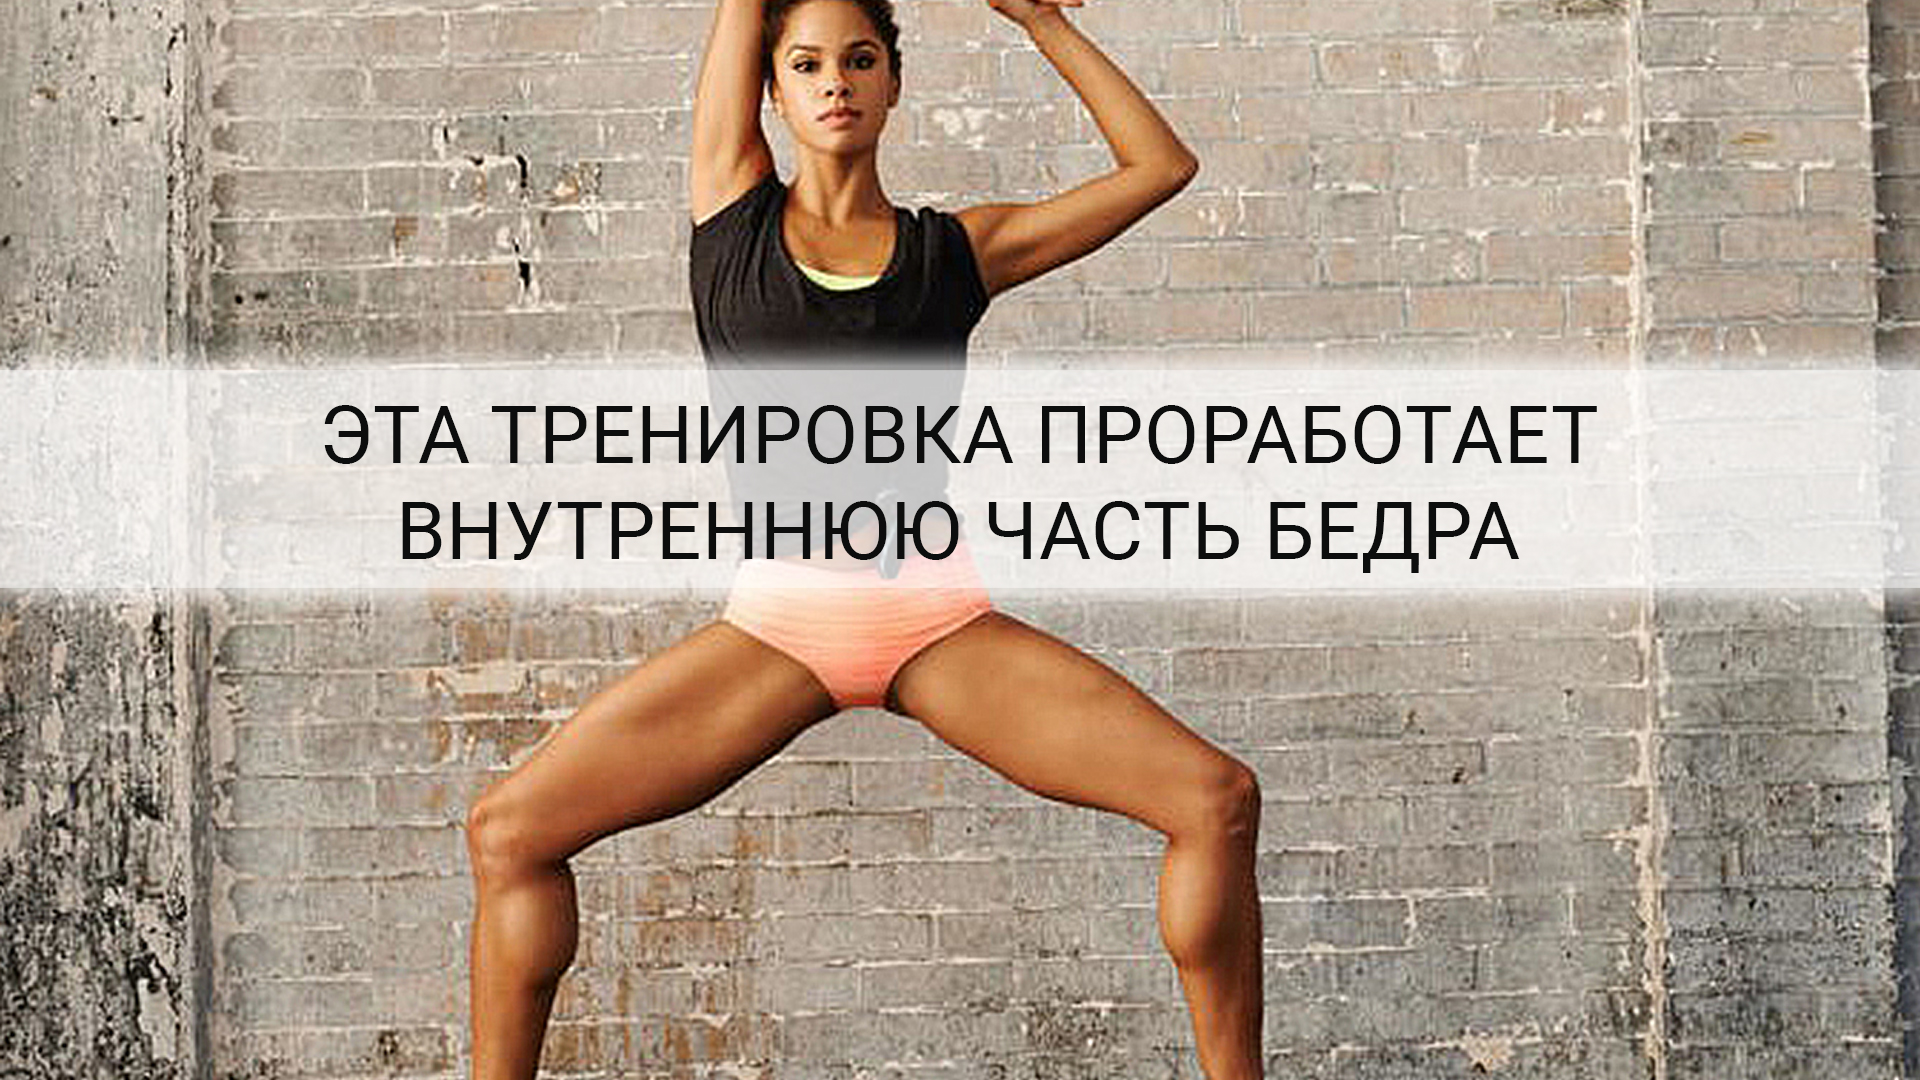 Упражнения бедра